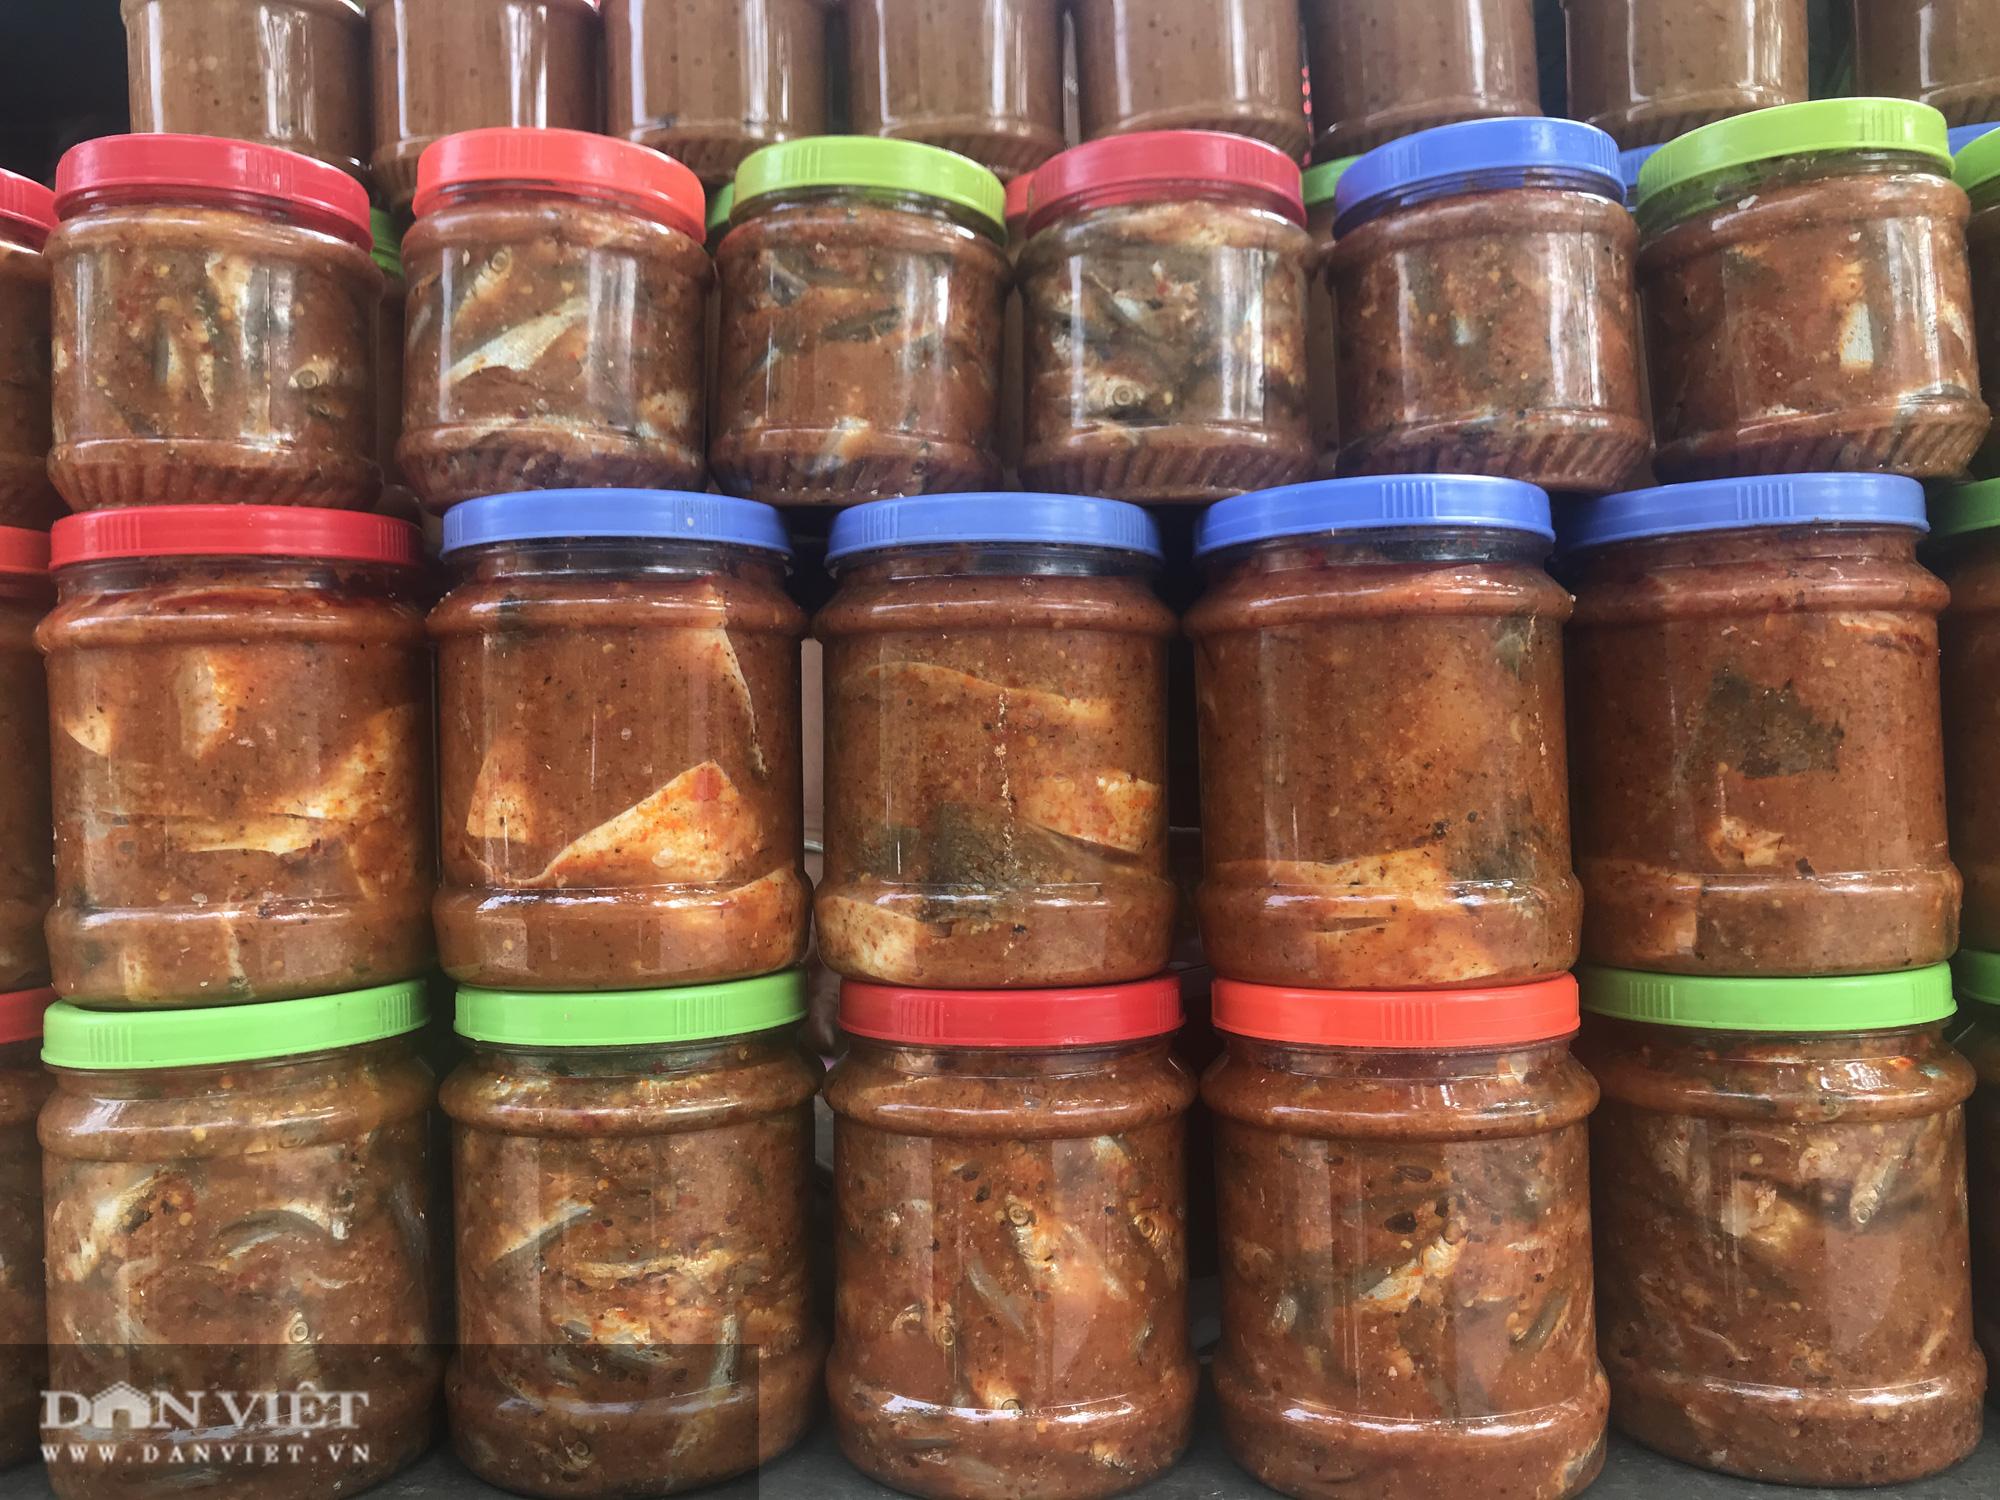 Cá chua Tạ Bú, món ngon của người Thái khiến thực khách ăn vào nhớ mãi - Ảnh 5.